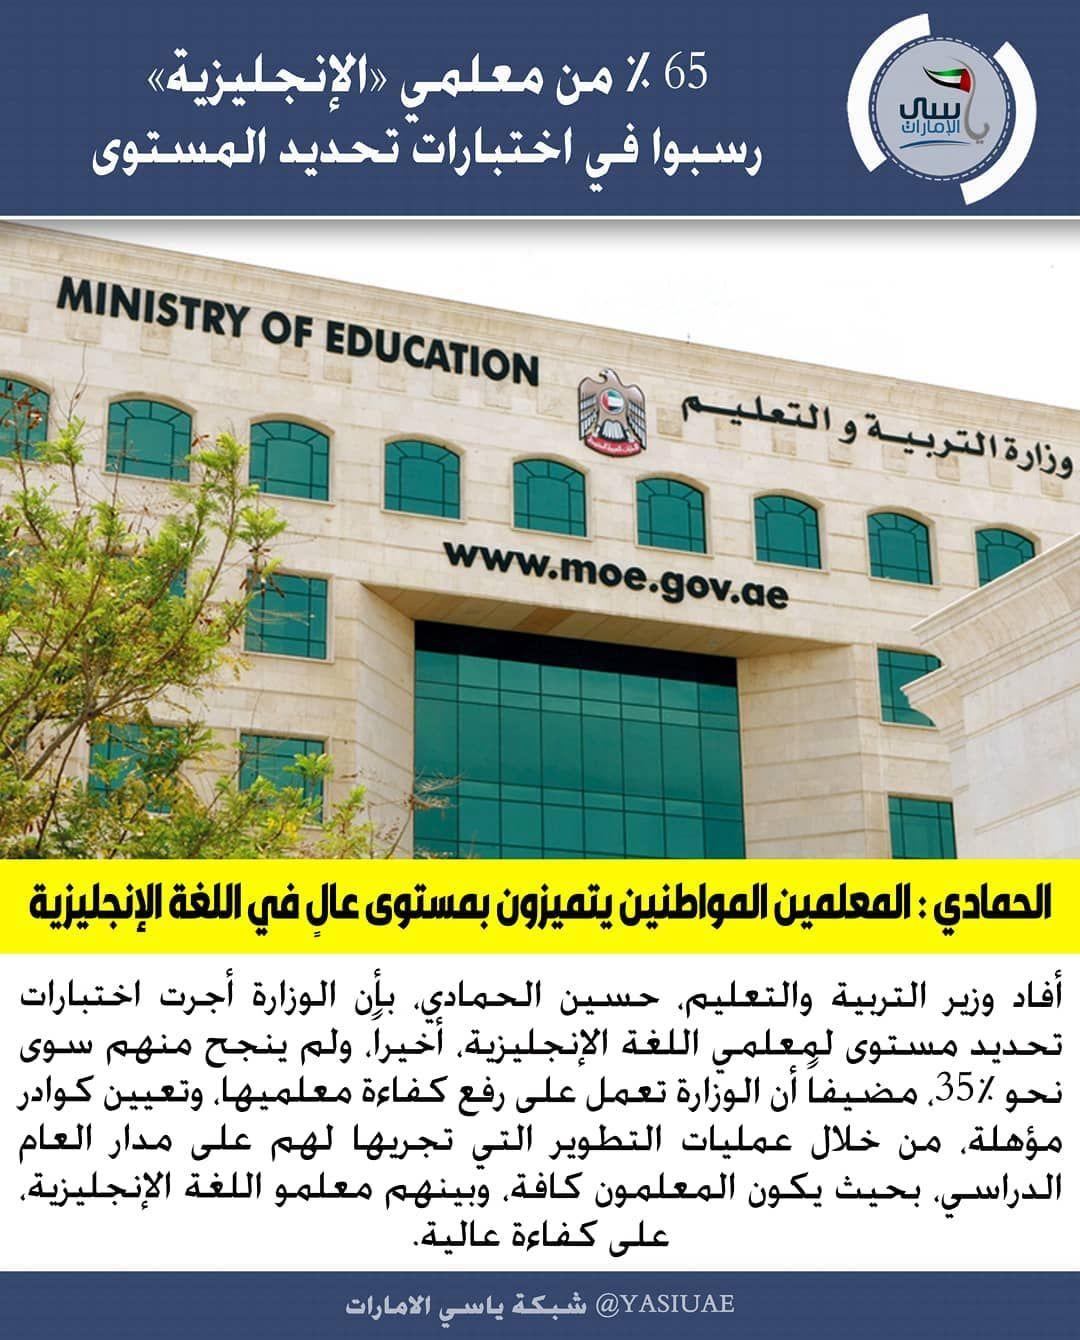 65 من معلمي الإنجليزية رسبوا في اختبارات تحديد المستوى ياسي الامارات شبكة ياسي الامارات الامارات ابوظبي Ministry Of Education Education Screenshots